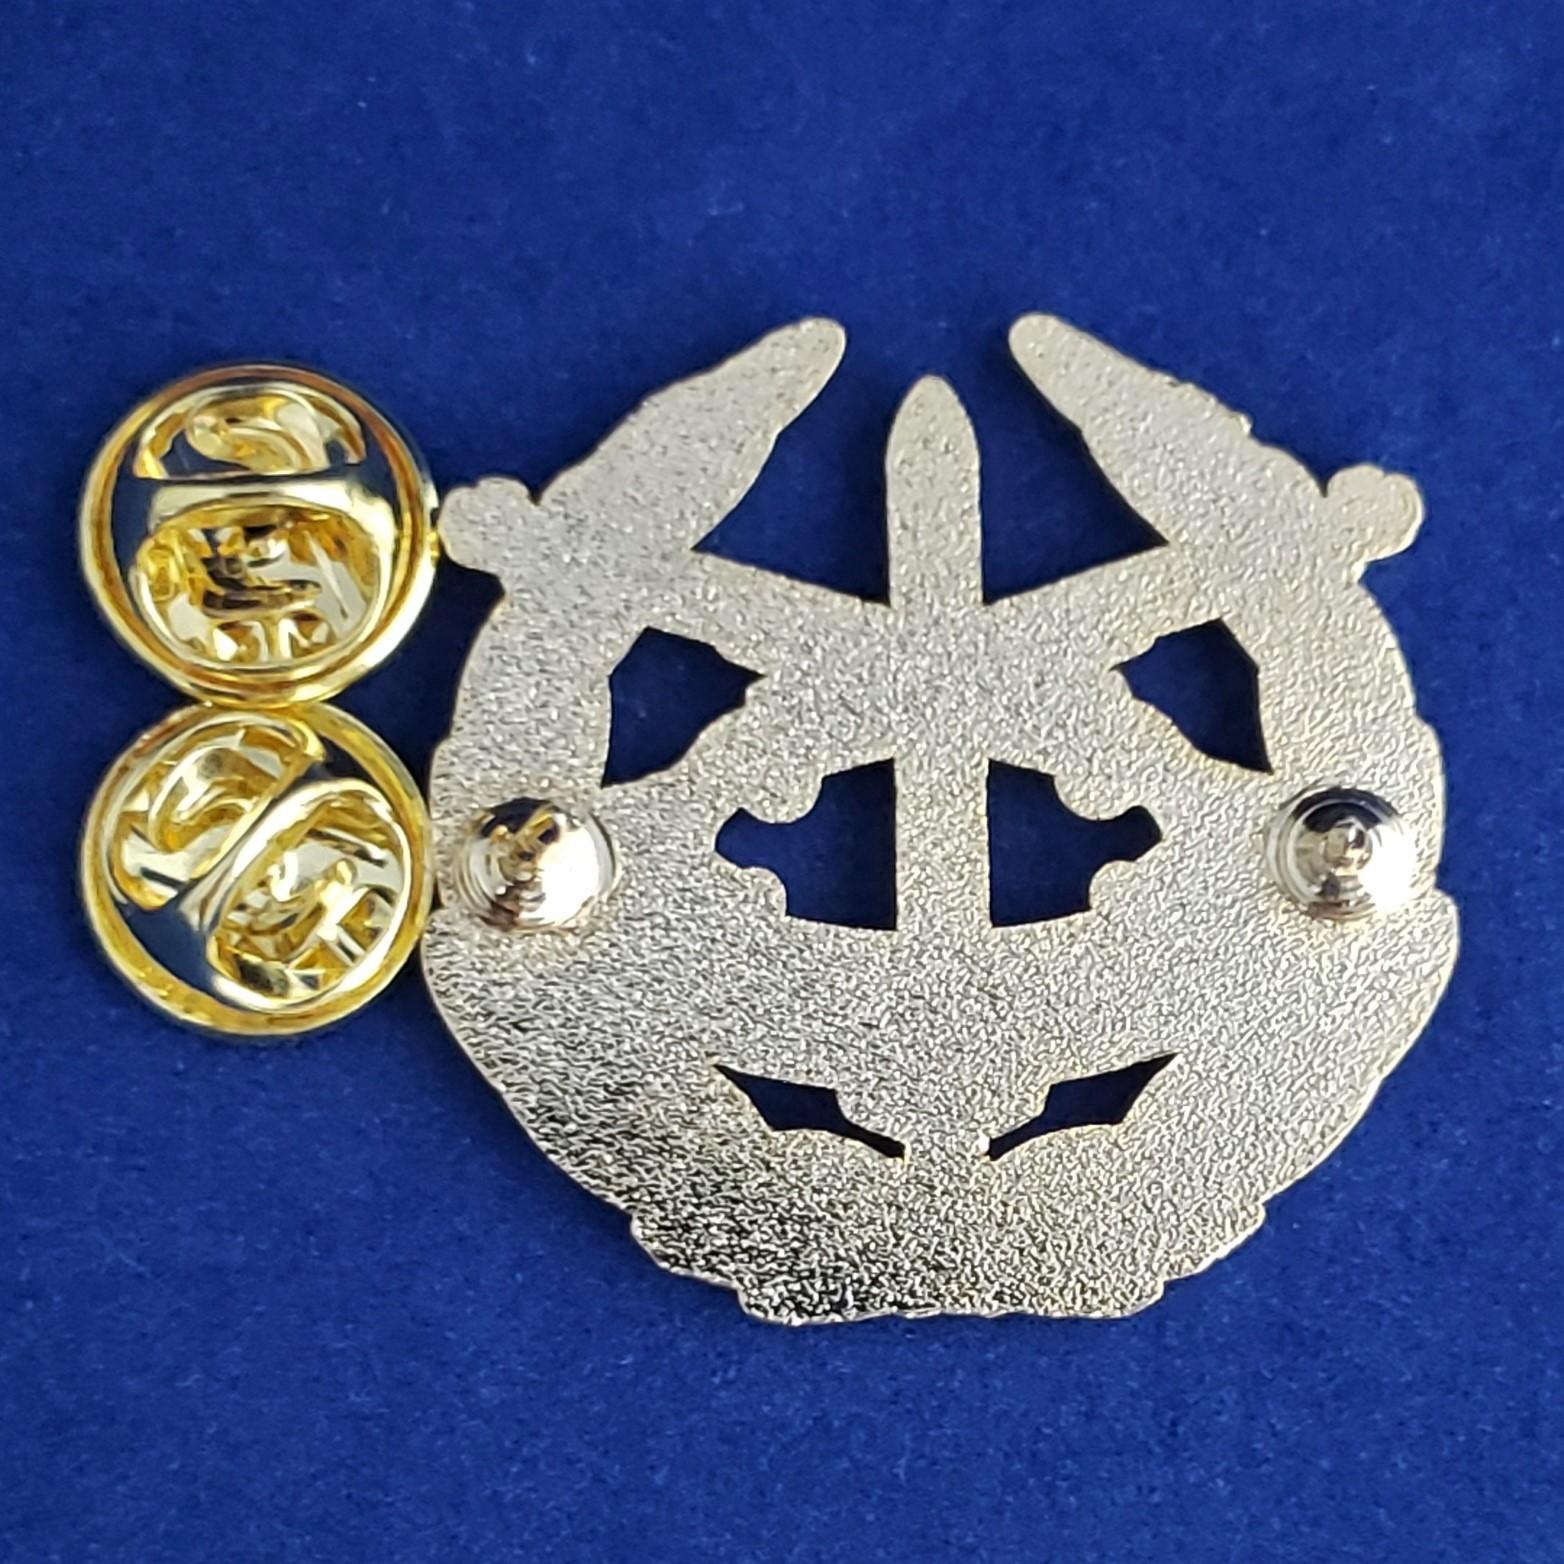 GOLD CROSS RIFLE HONOR GUARD PIN   Item #124